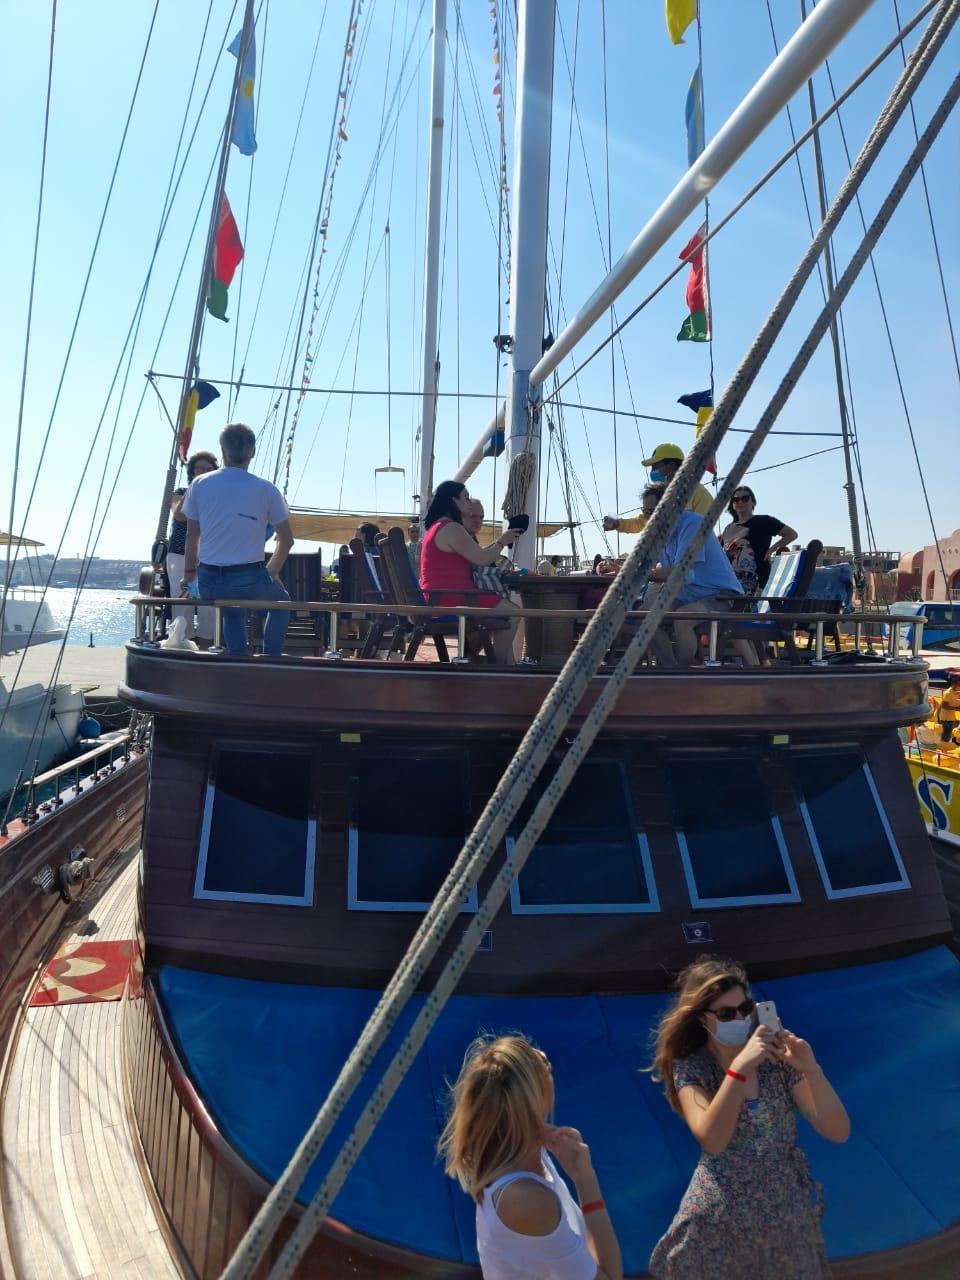 الصرب تراجع إجراءات مصر الاحترازية لضمان سلامة السياح مع عودة الرحلات